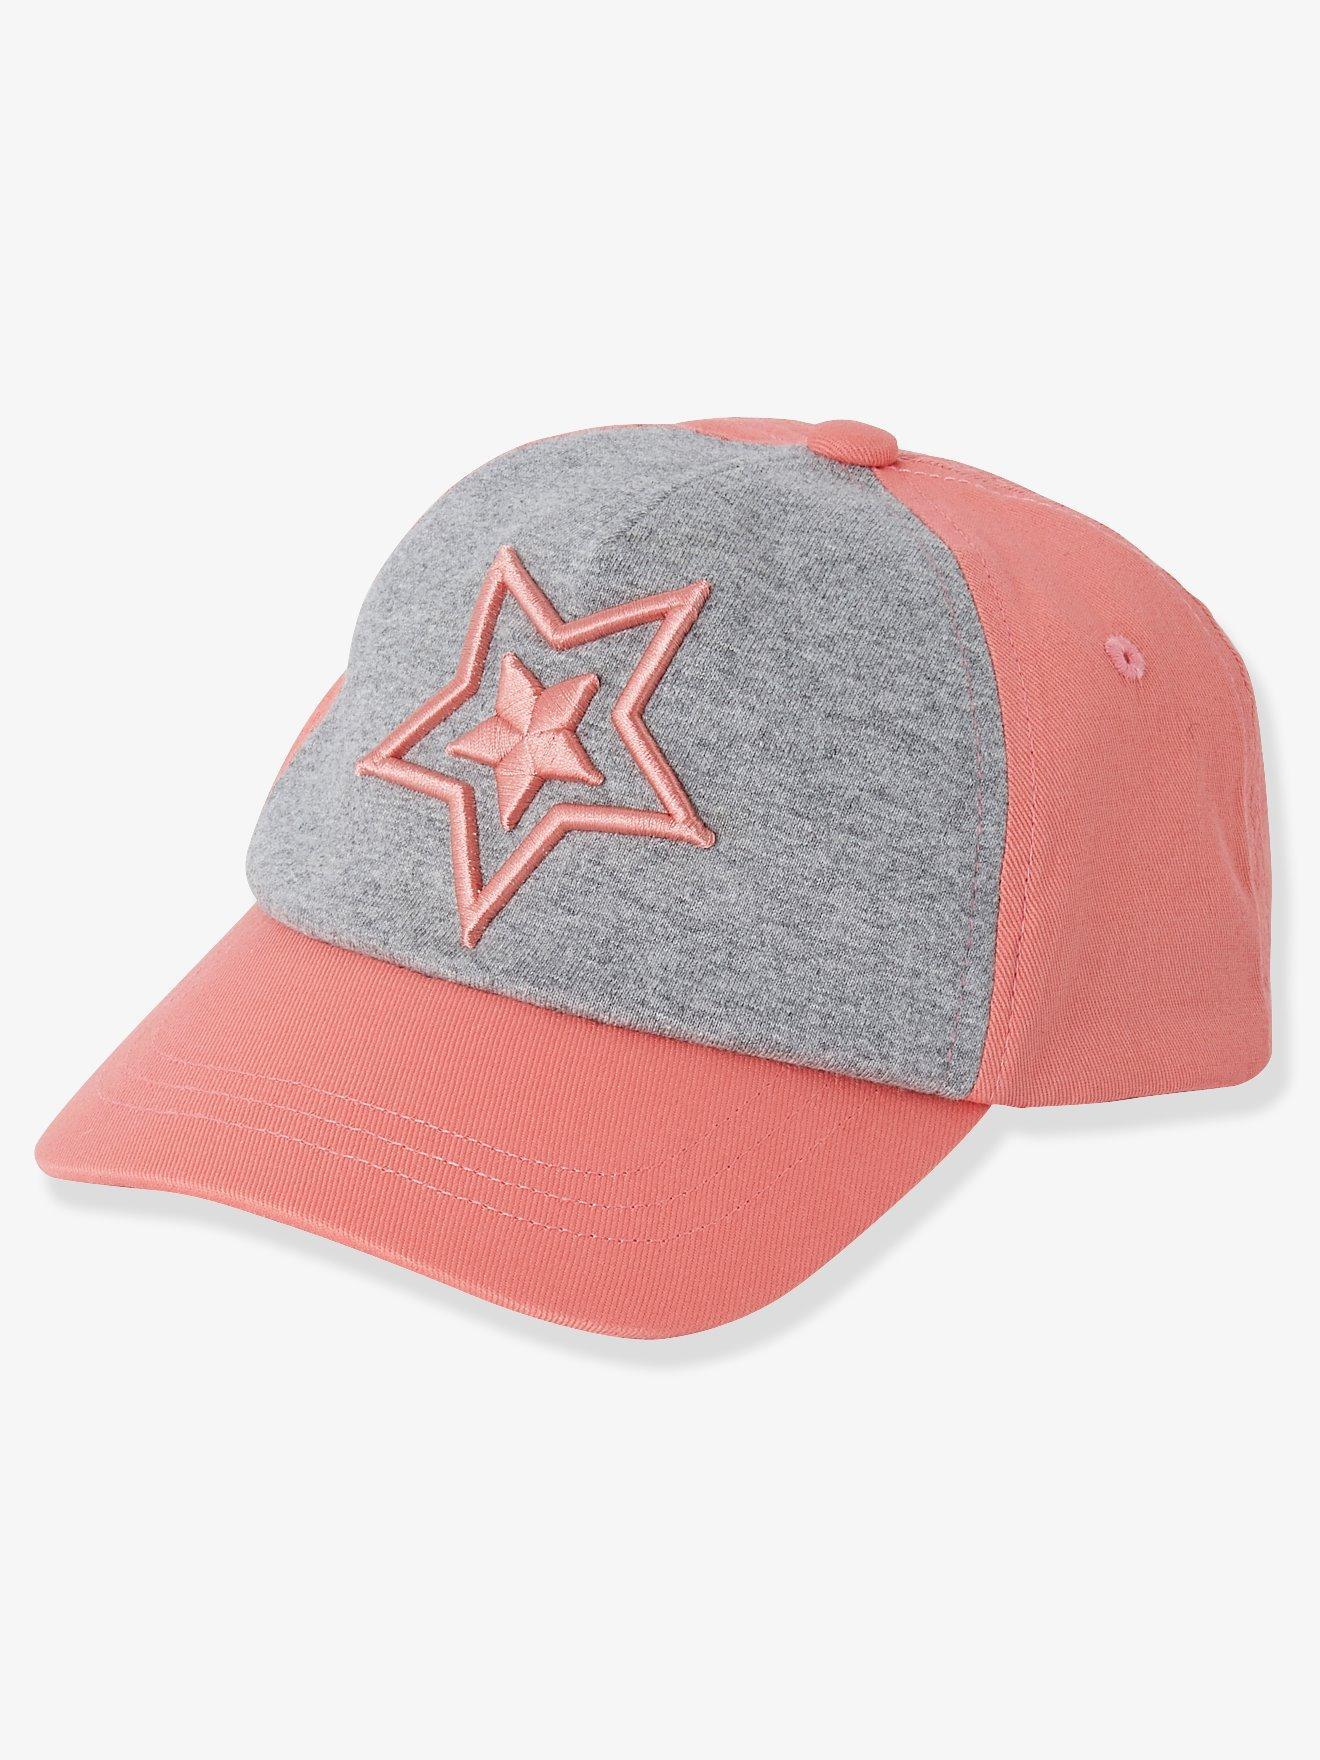 Gorra bicolor para niña con bordado de estrella rosa medio liso con motivos 8db4c5e245f